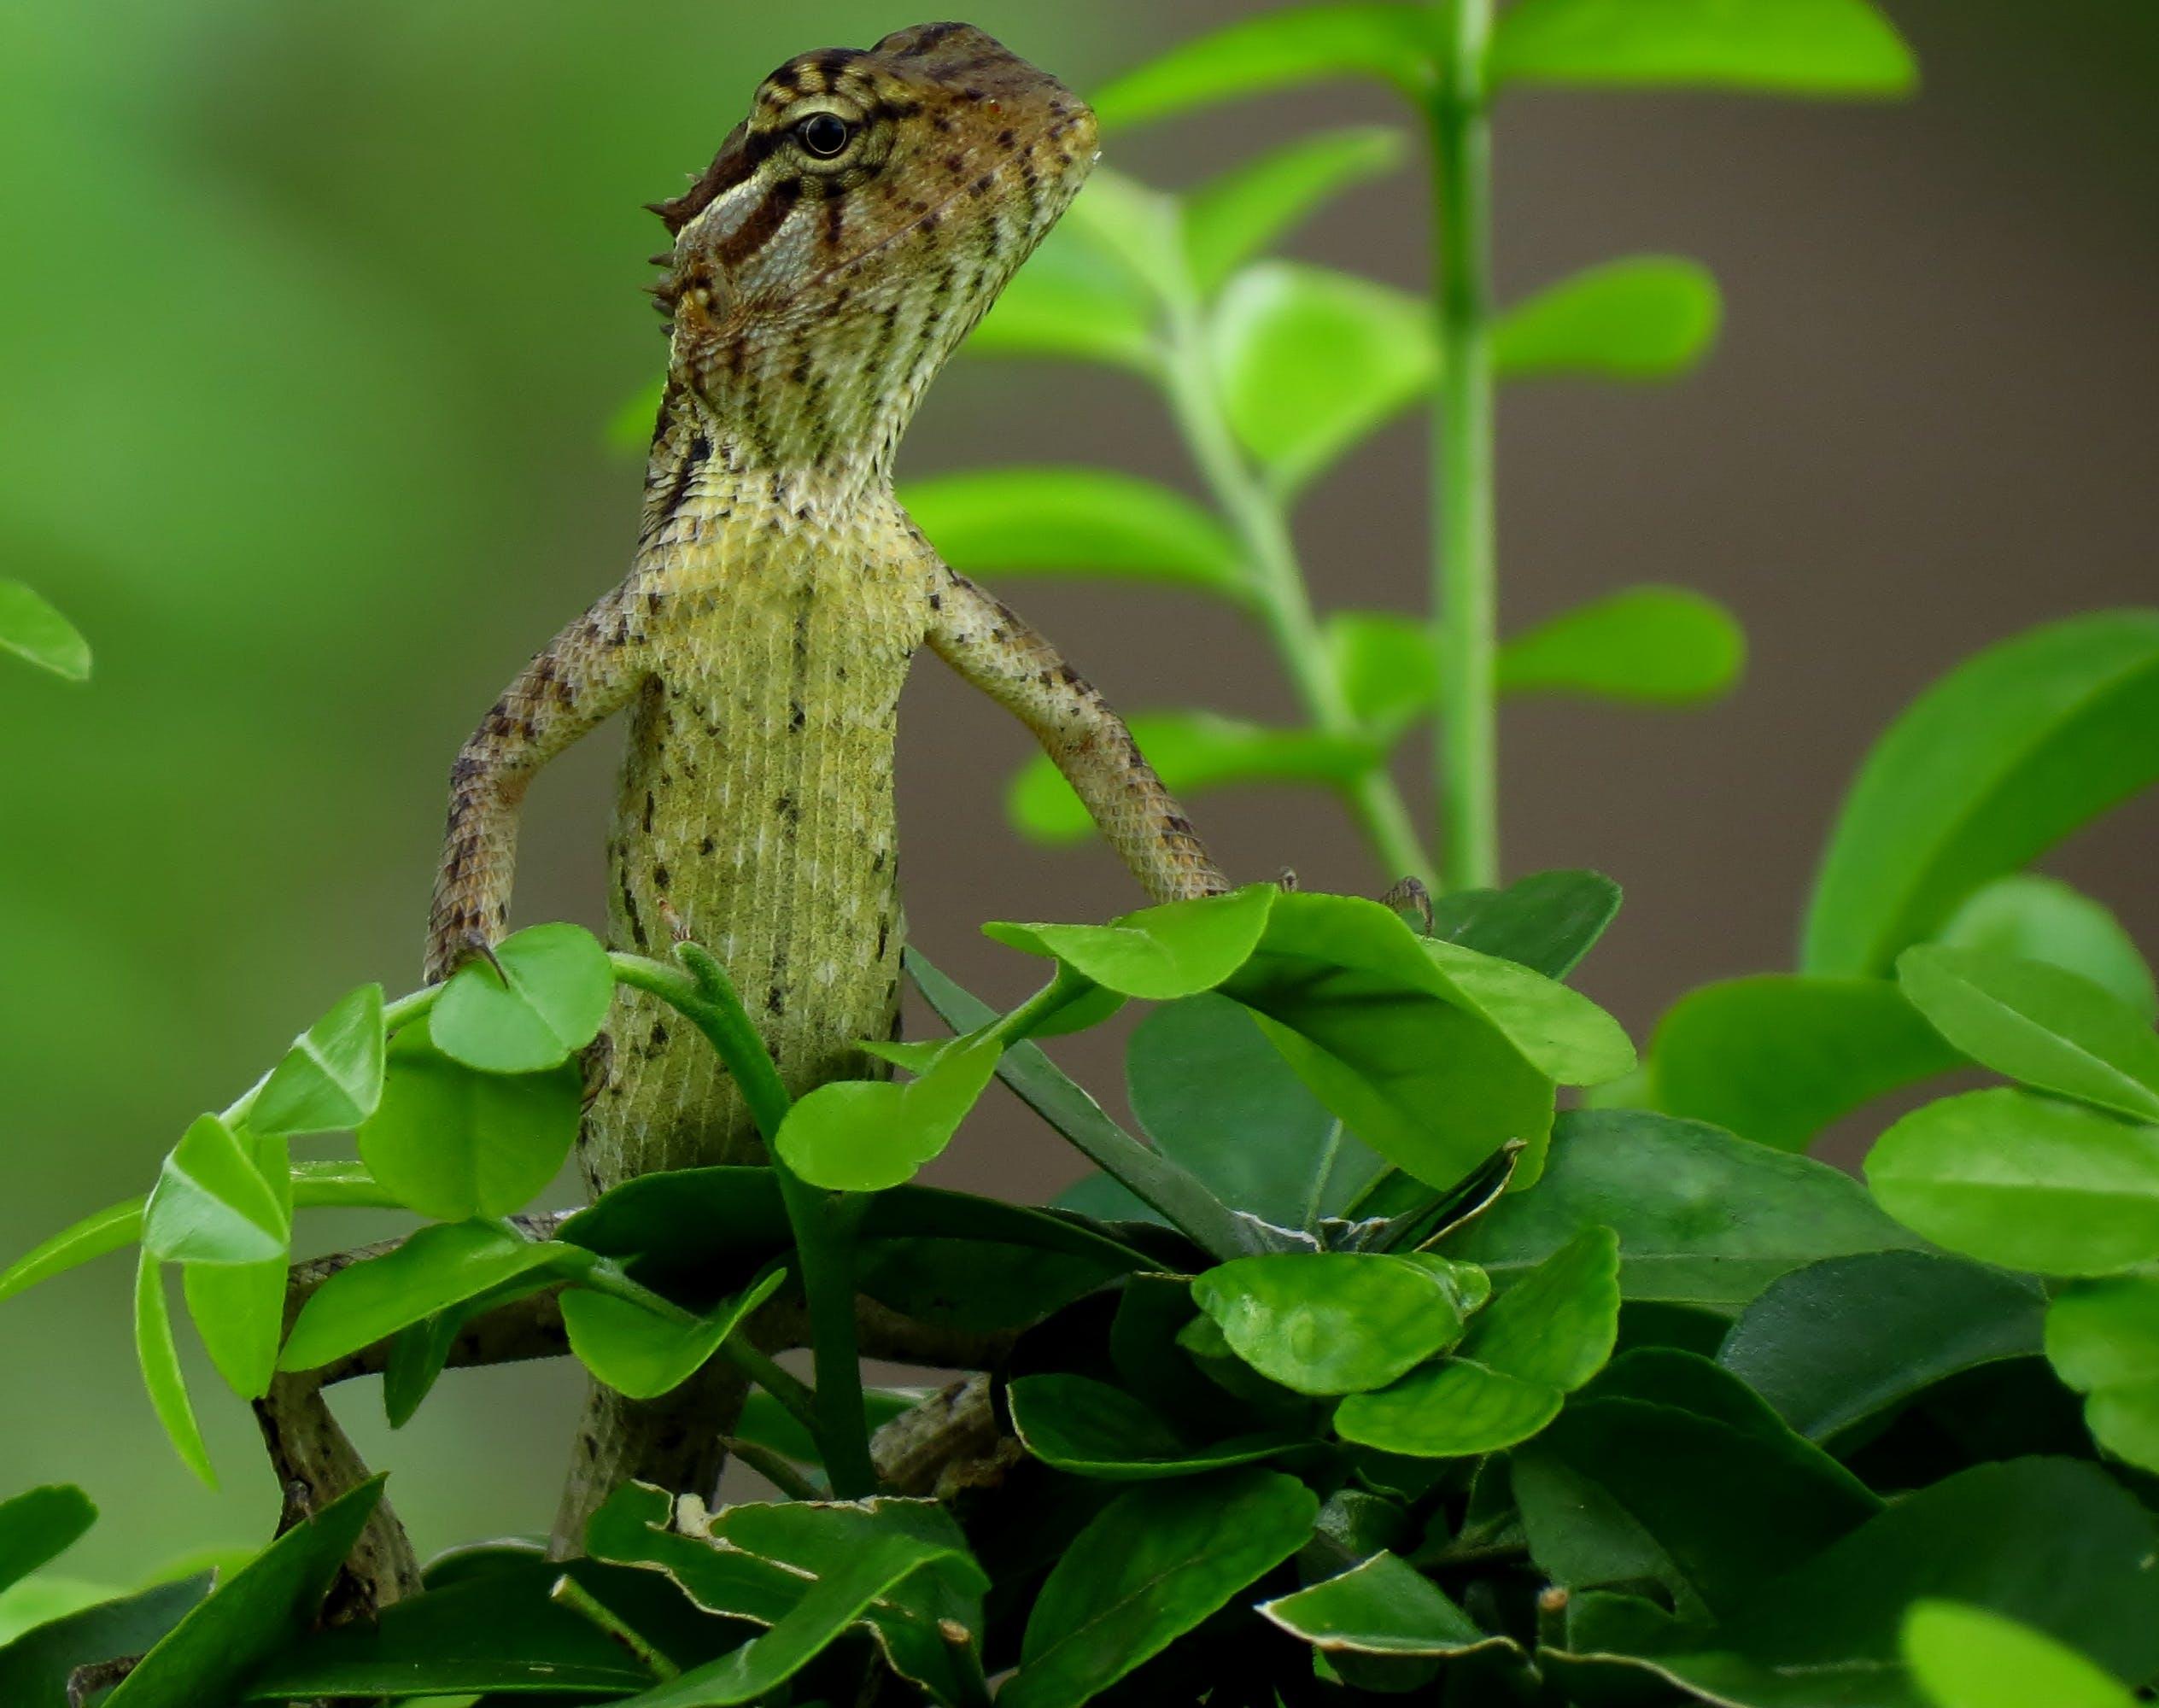 Free stock photo of animal, lizard, reptile, reptilian